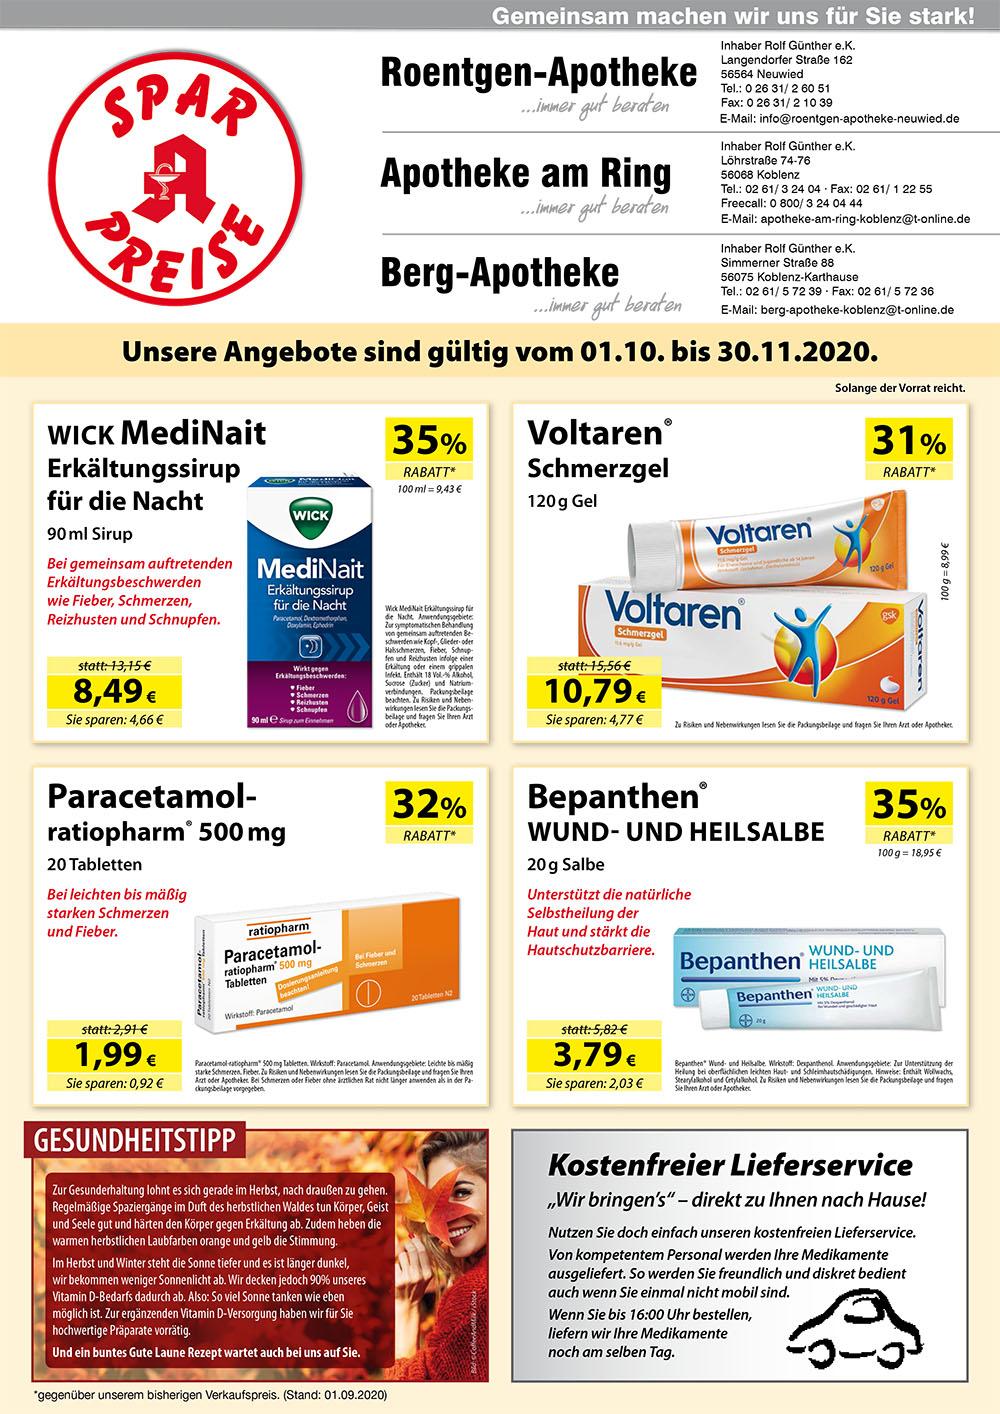 https://www-apotheken-de.apocdn.net/fileadmin/clubarea/00000-Angebote/56564_5513_roentgen_angebot_1.jpg